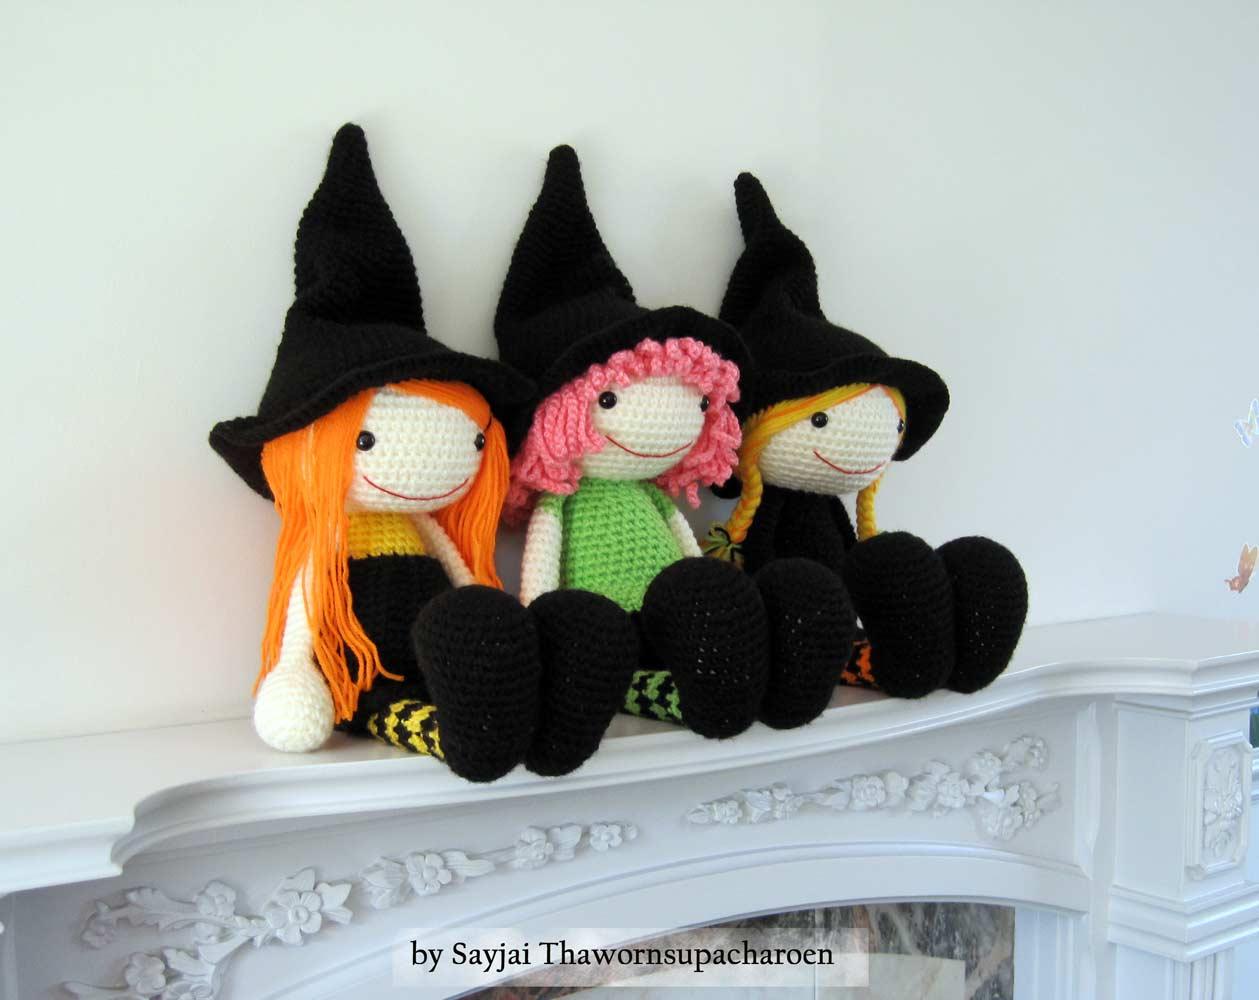 Halloween Amigurumi Crochet Pattern : 3 witches crochet pattern: now available as pdf sayjai amigurumi